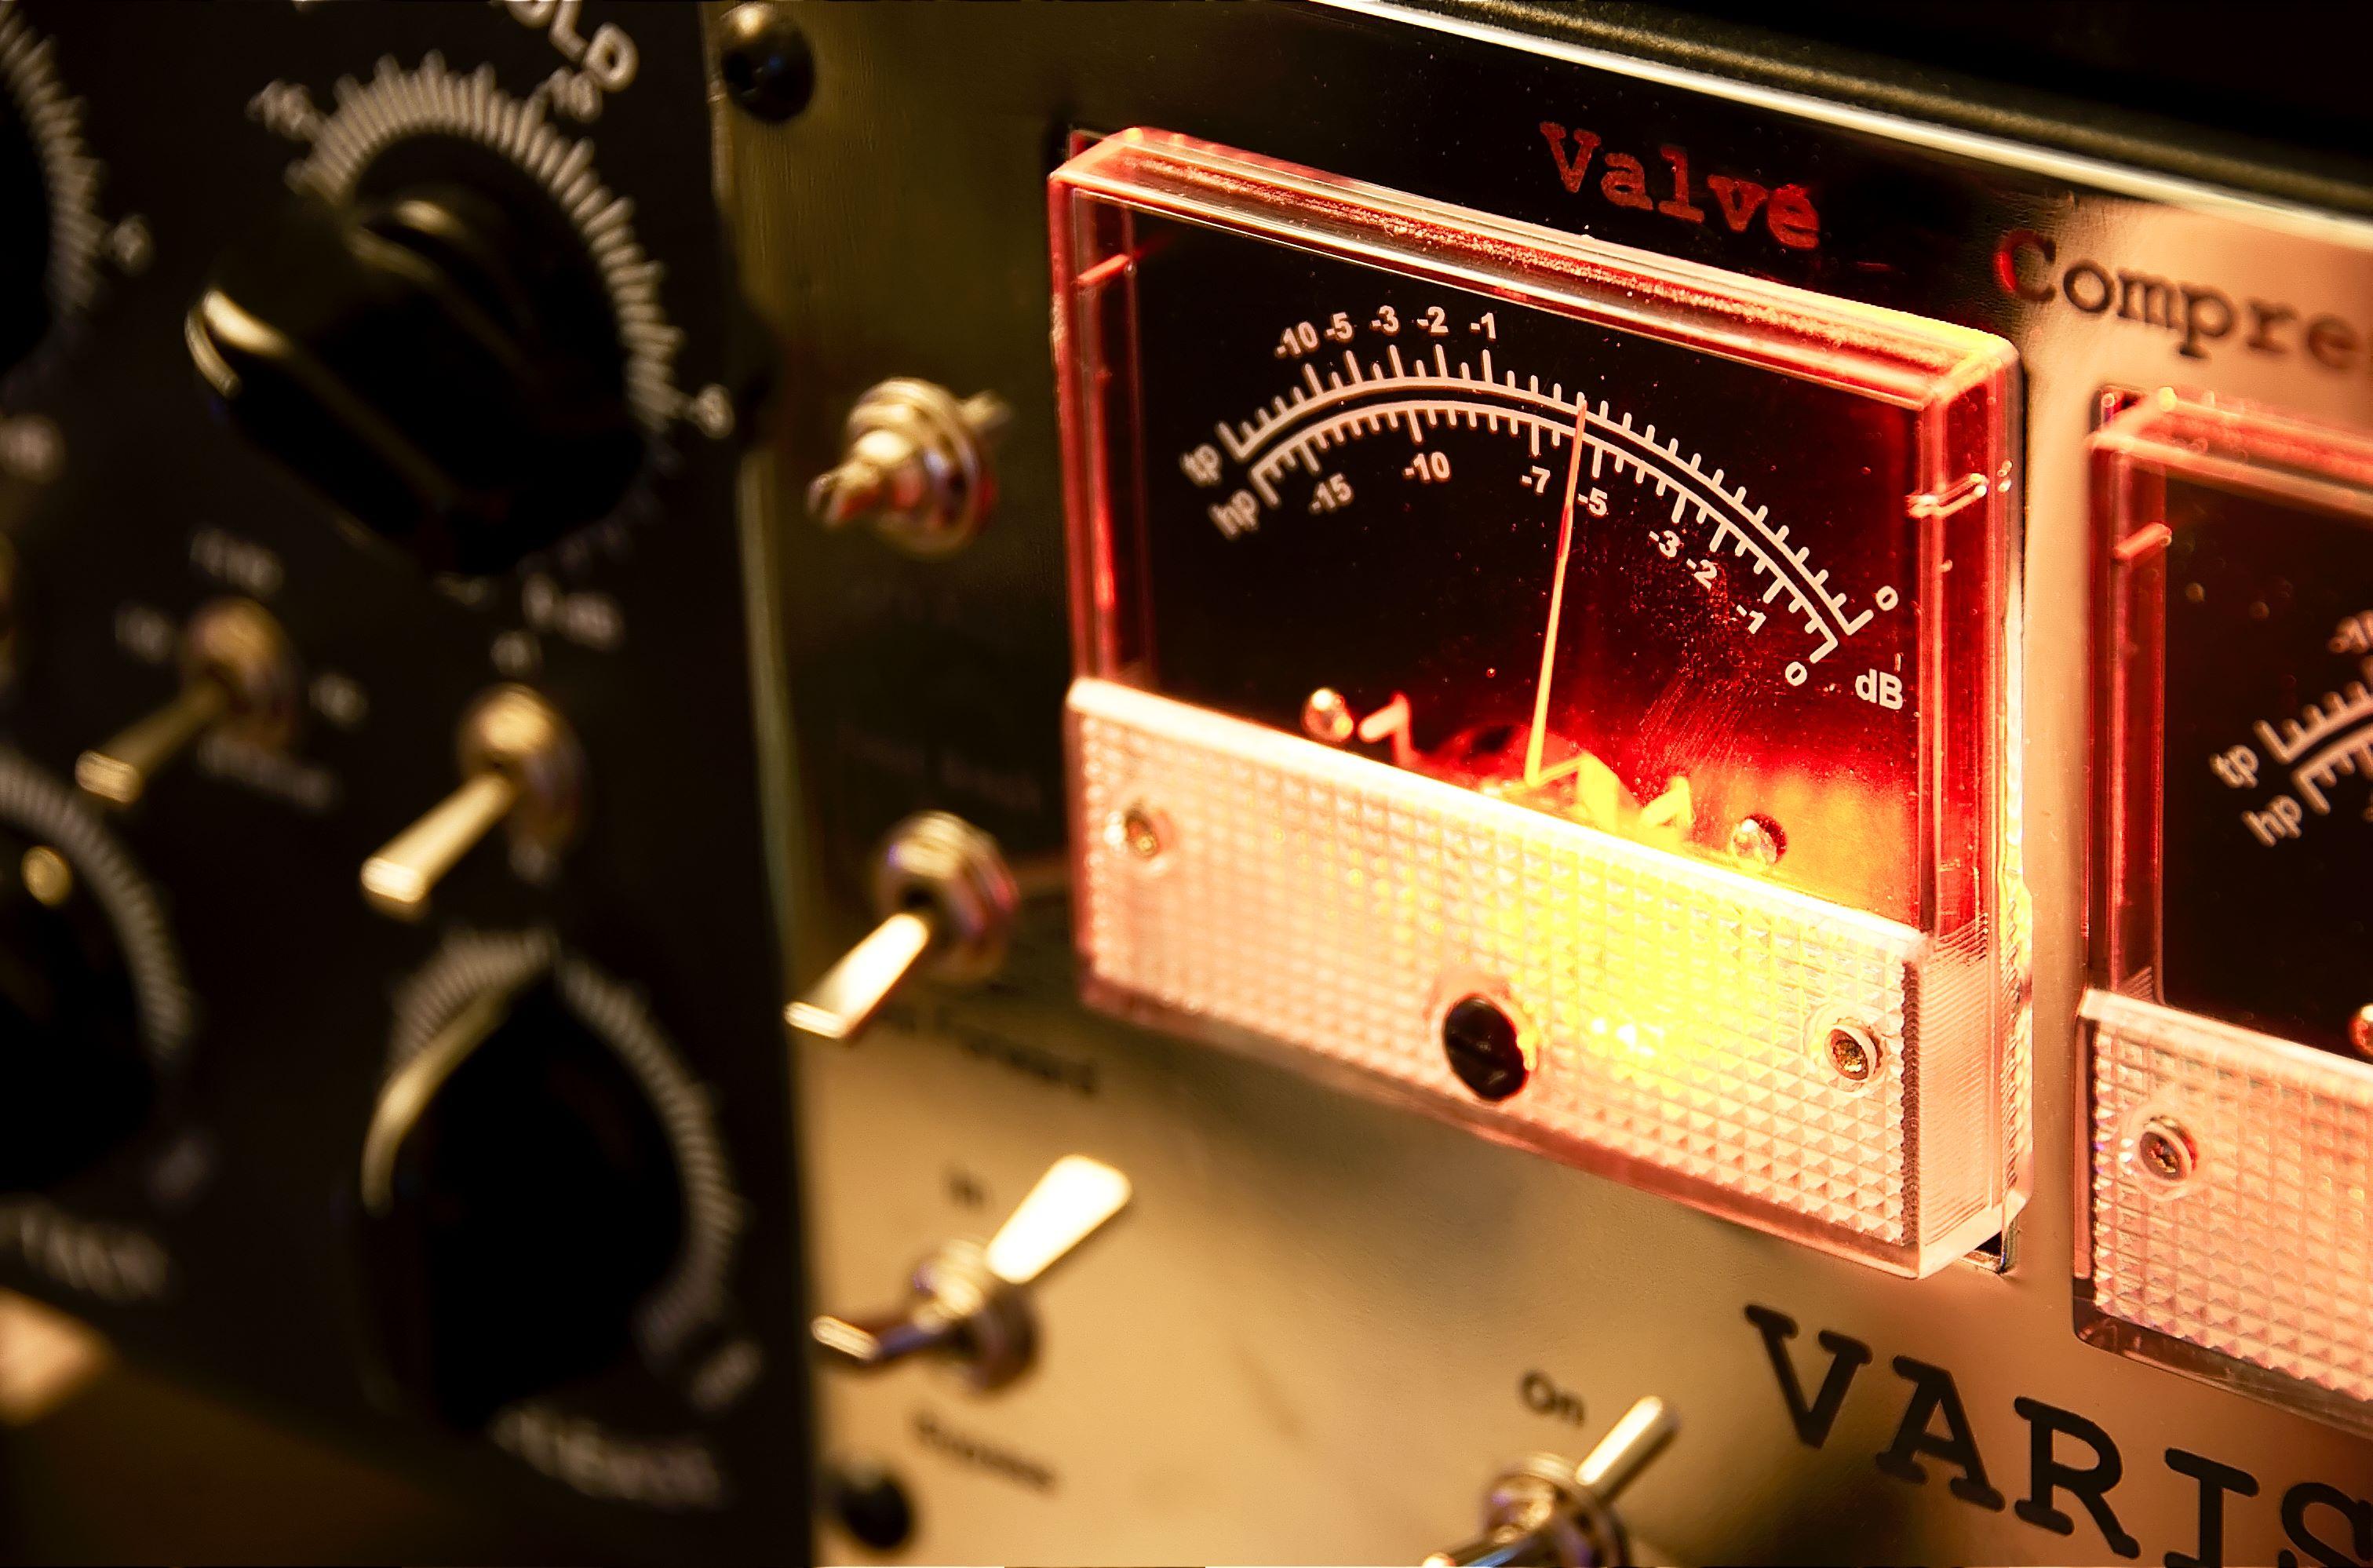 VM-Comp/Limiter – Nebula Programs